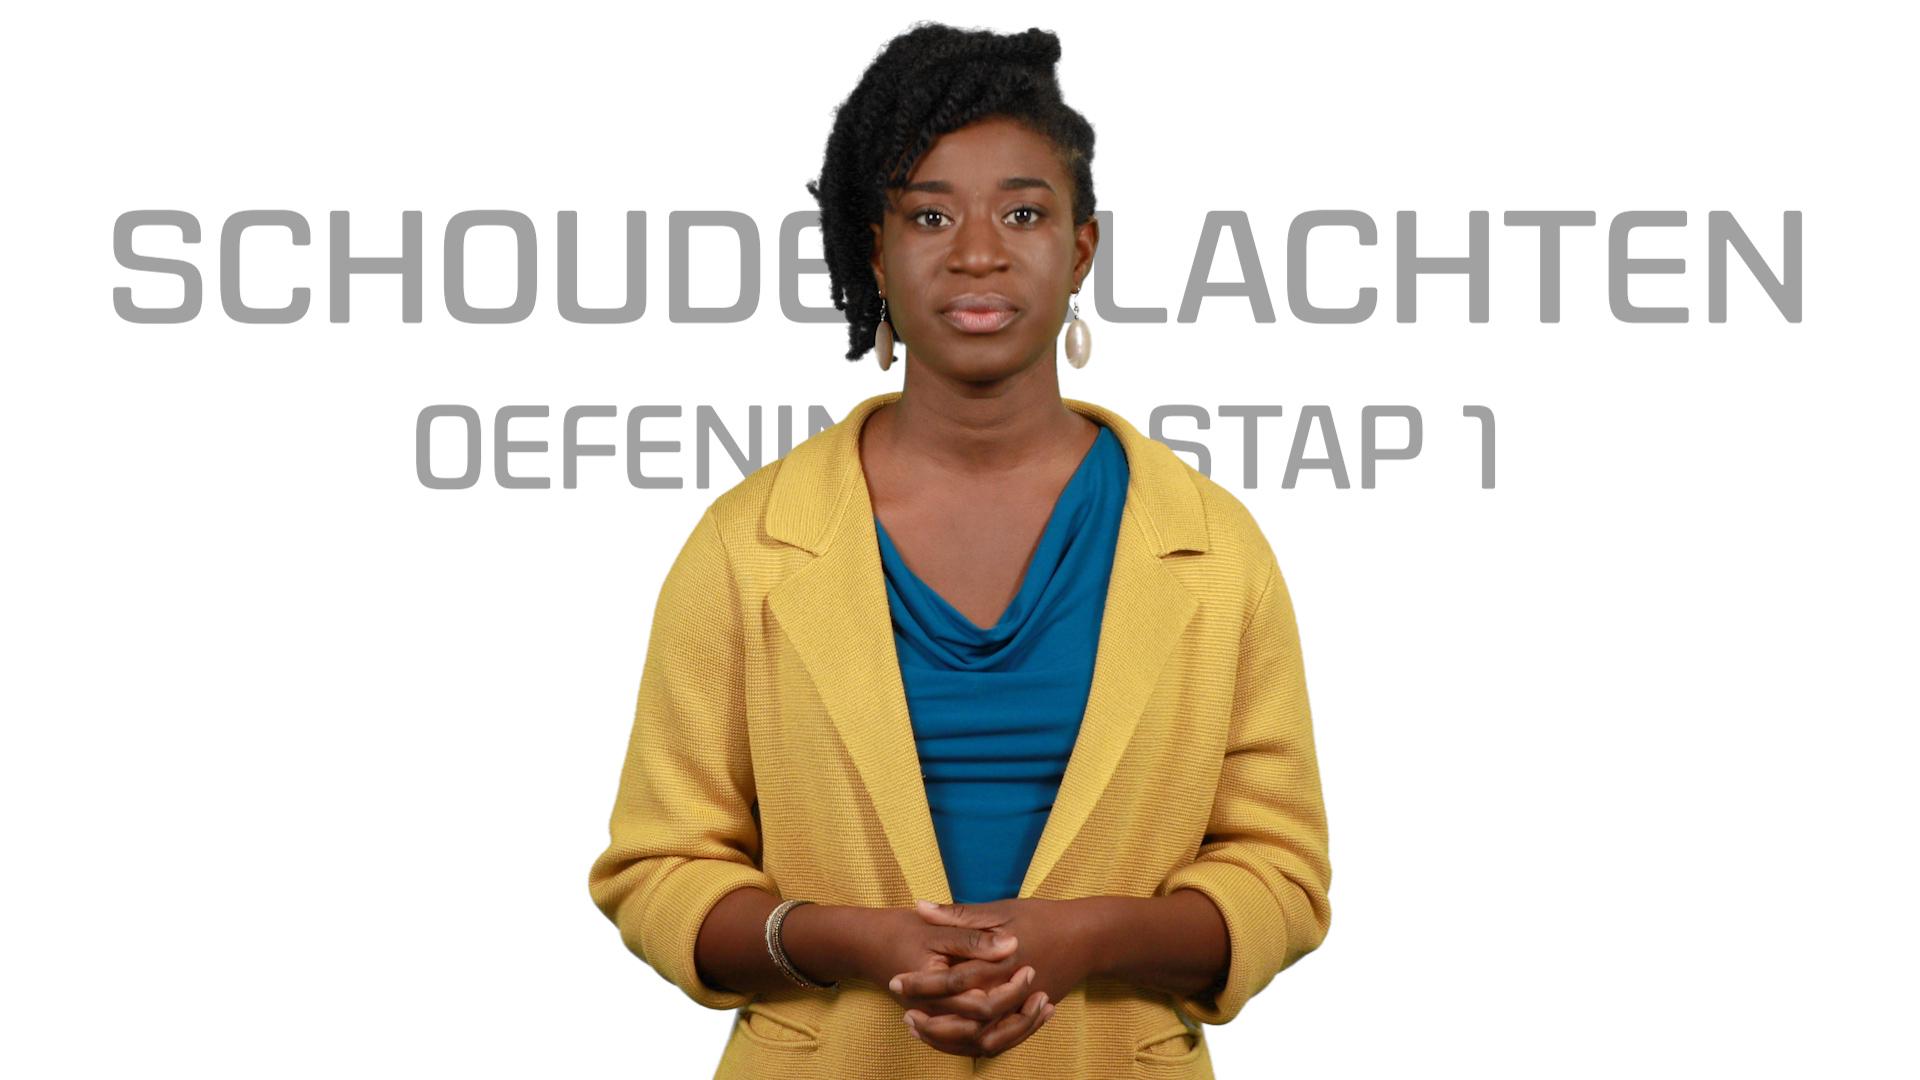 Bekijk de video: Schouderklachten Oefeningen STAP 1